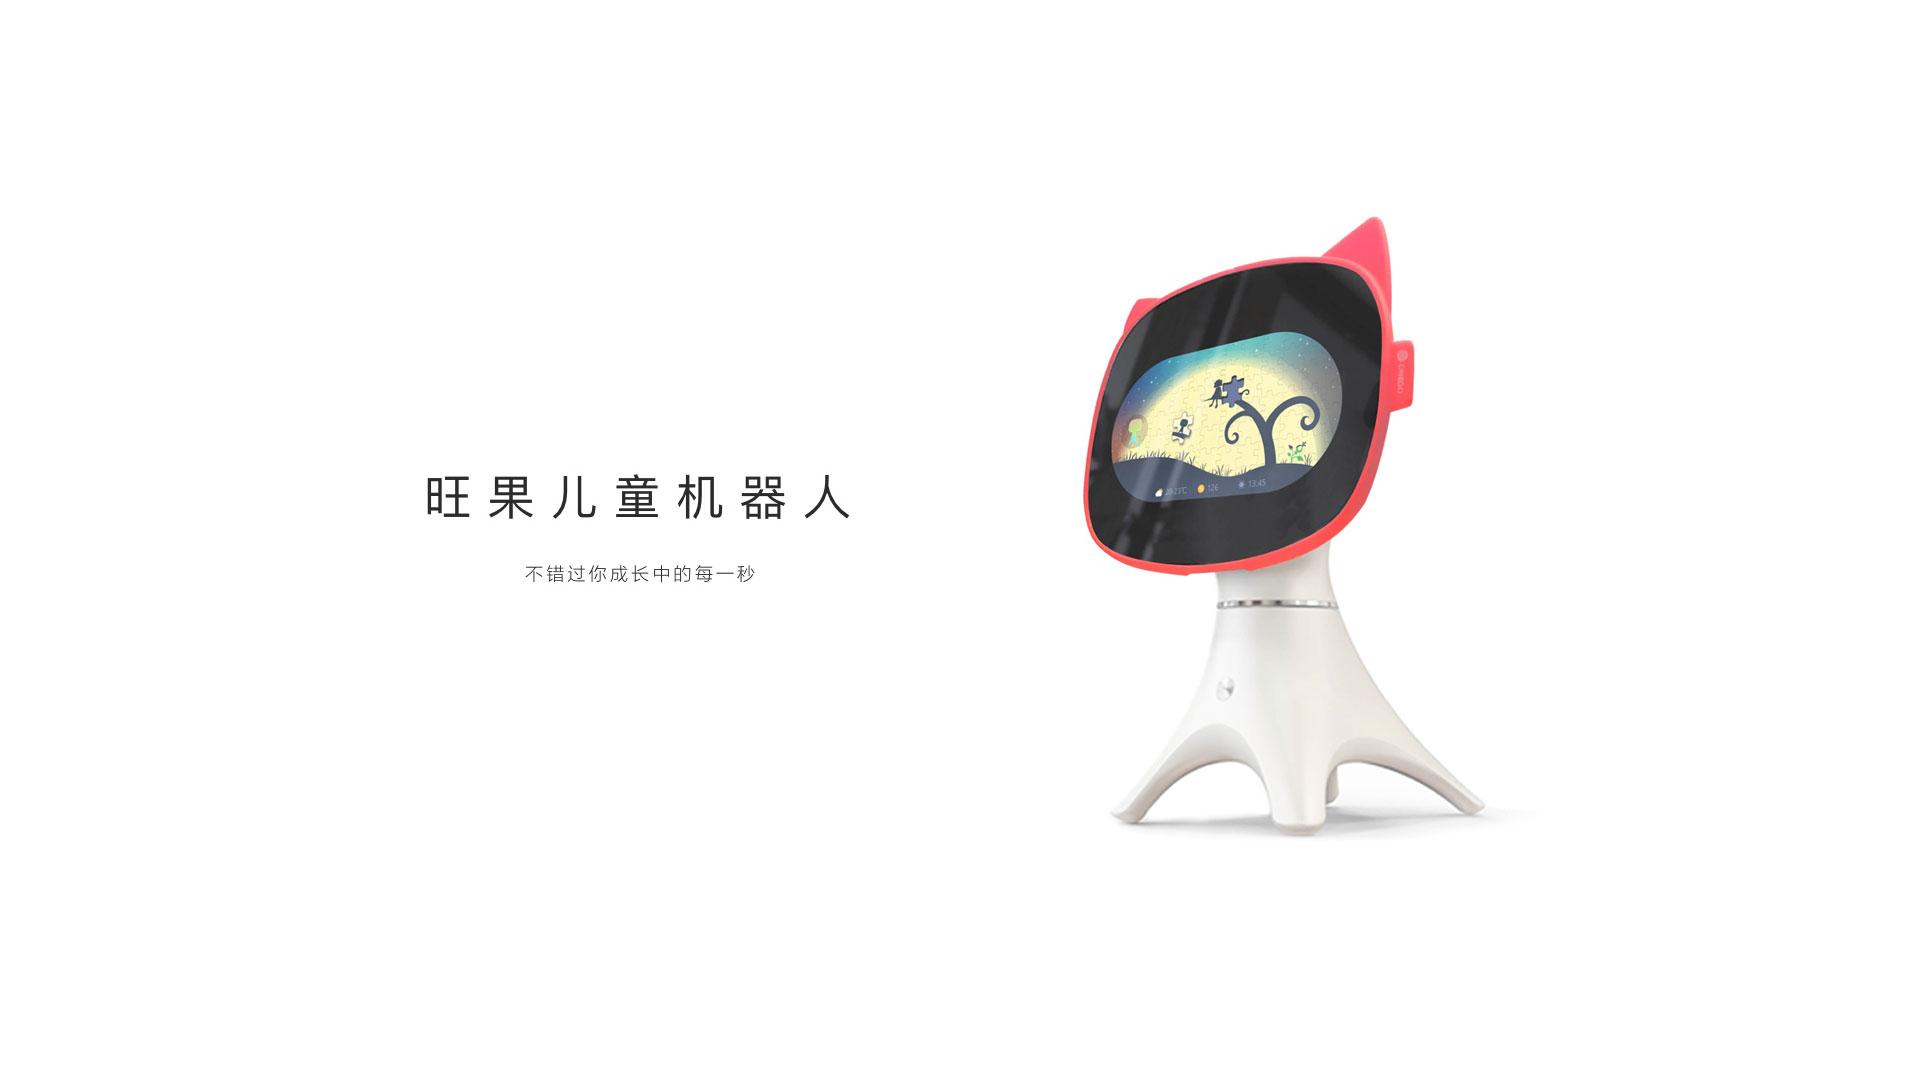 【易景智能硬件开发产品】旺果儿童机器人